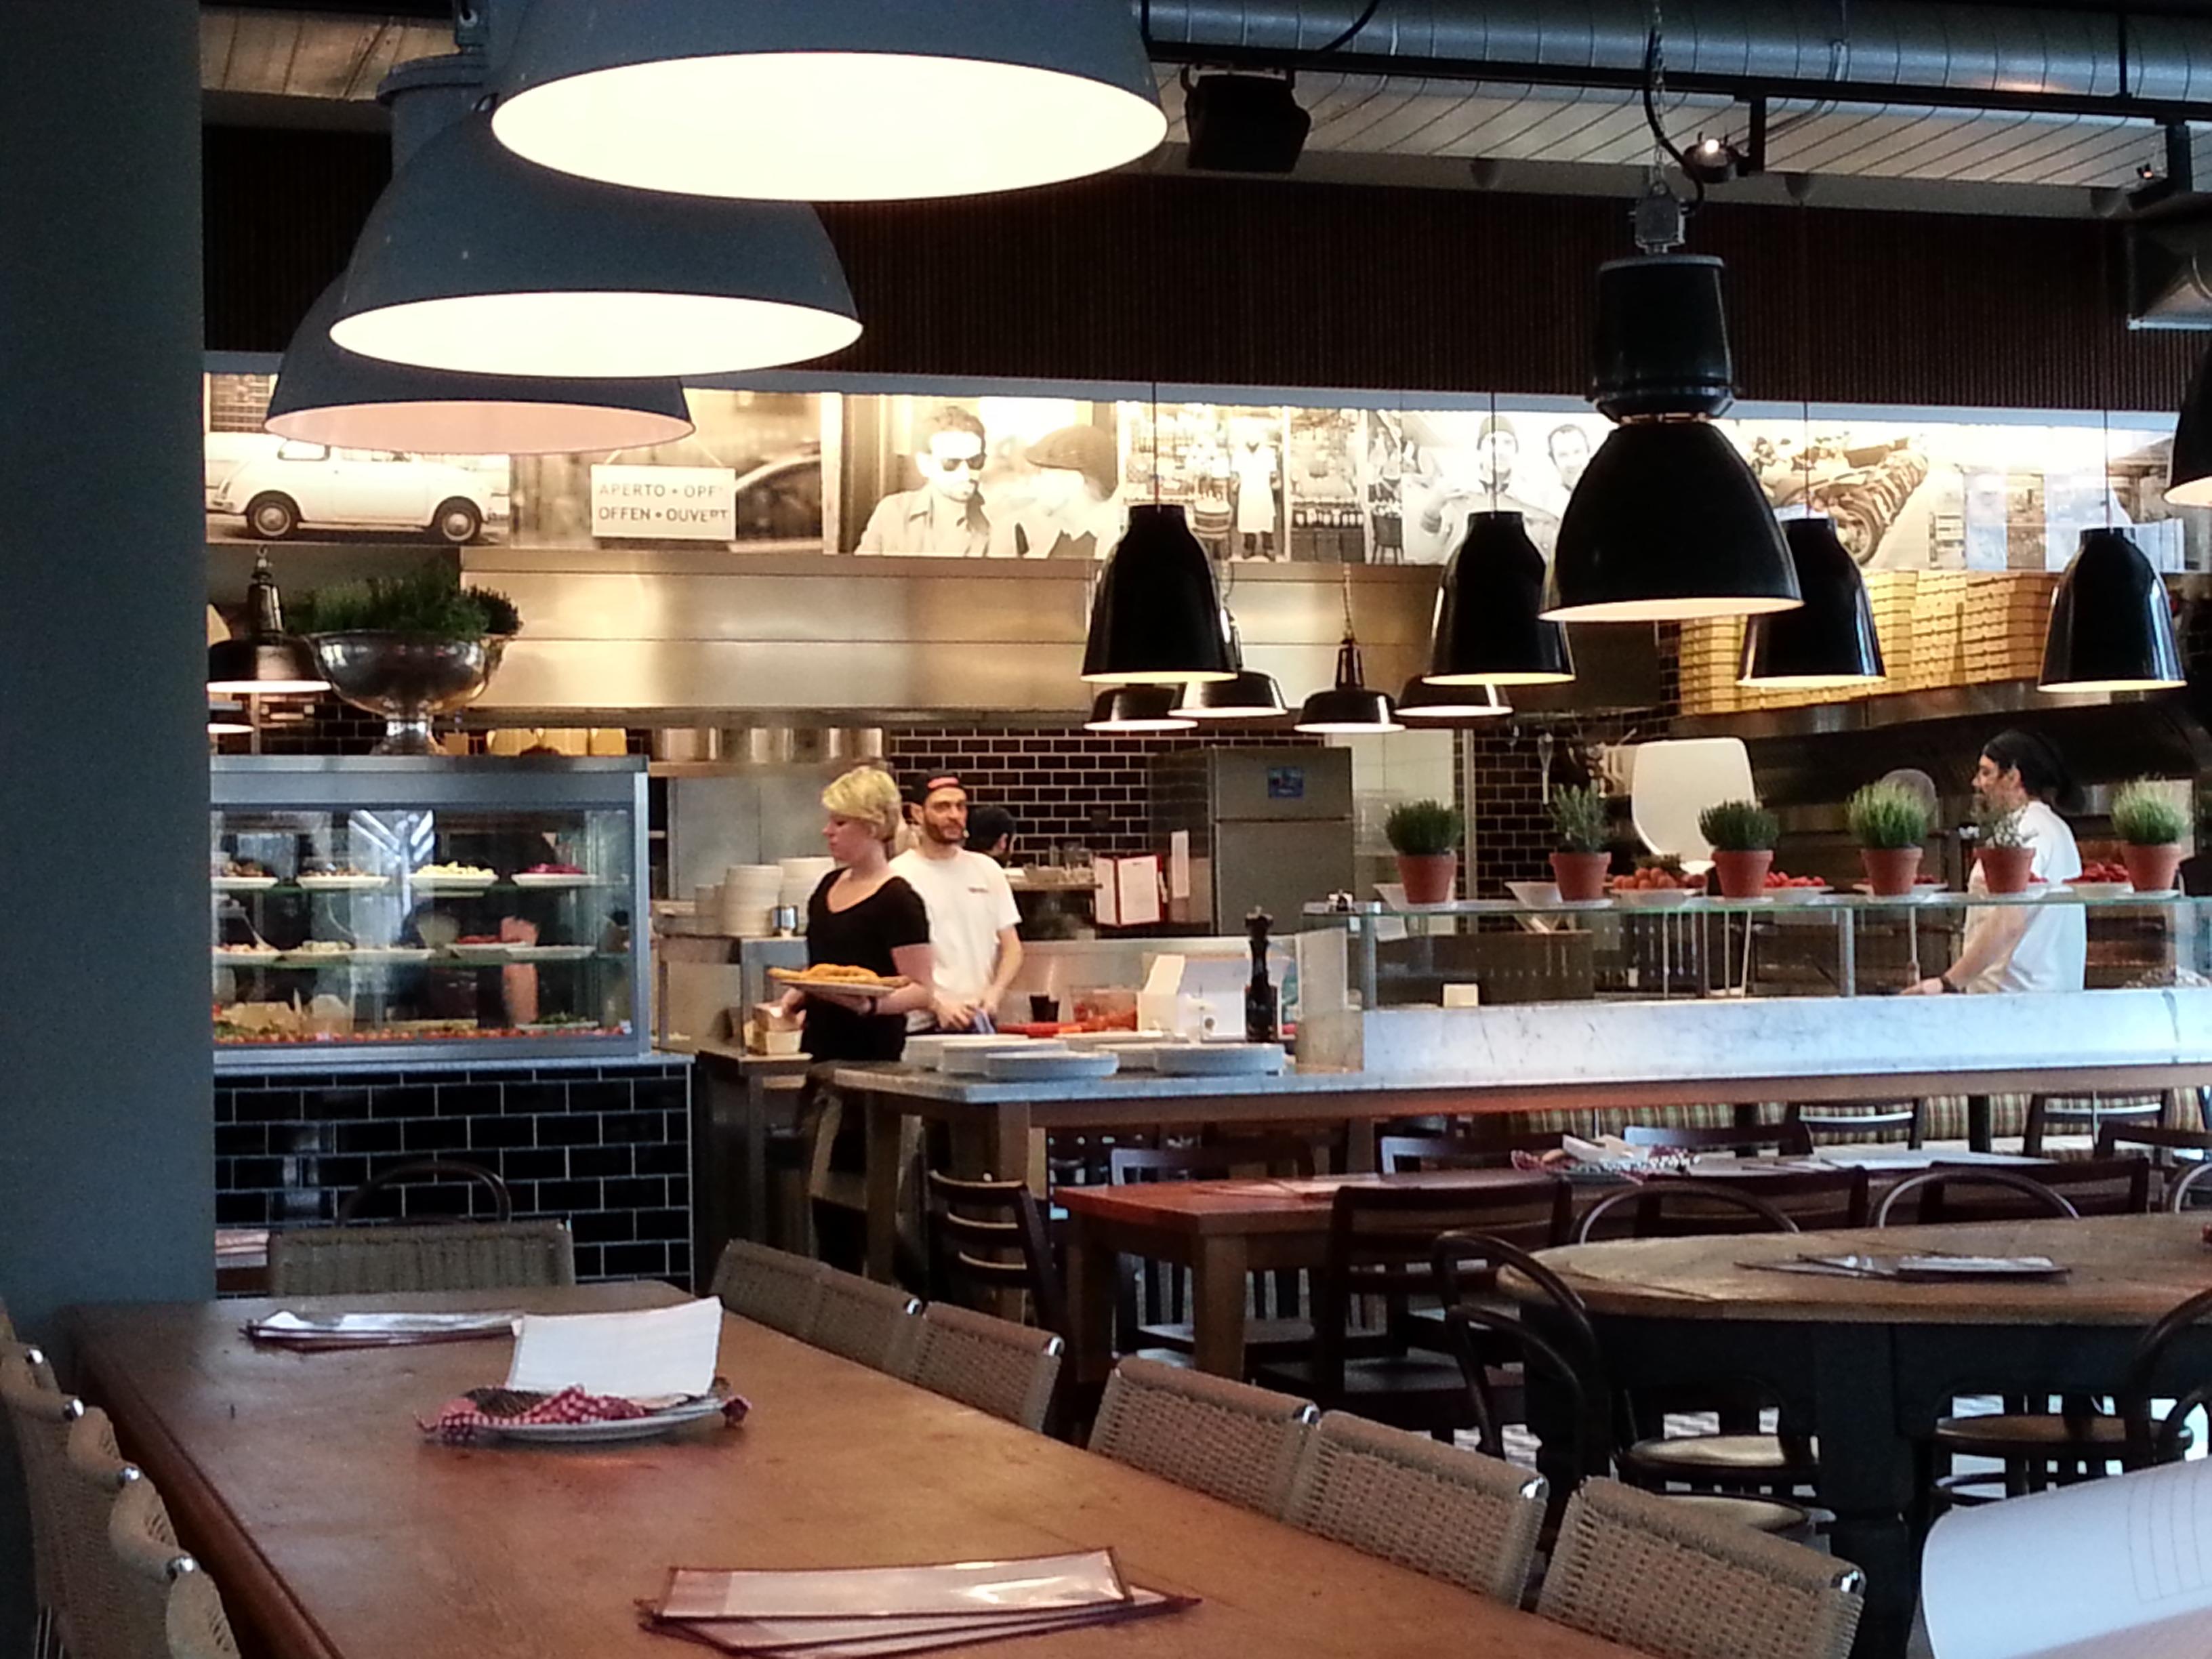 gastronomie küche | jtleigh.com - hausgestaltung ideen - Gastronomie Küche Kaufen